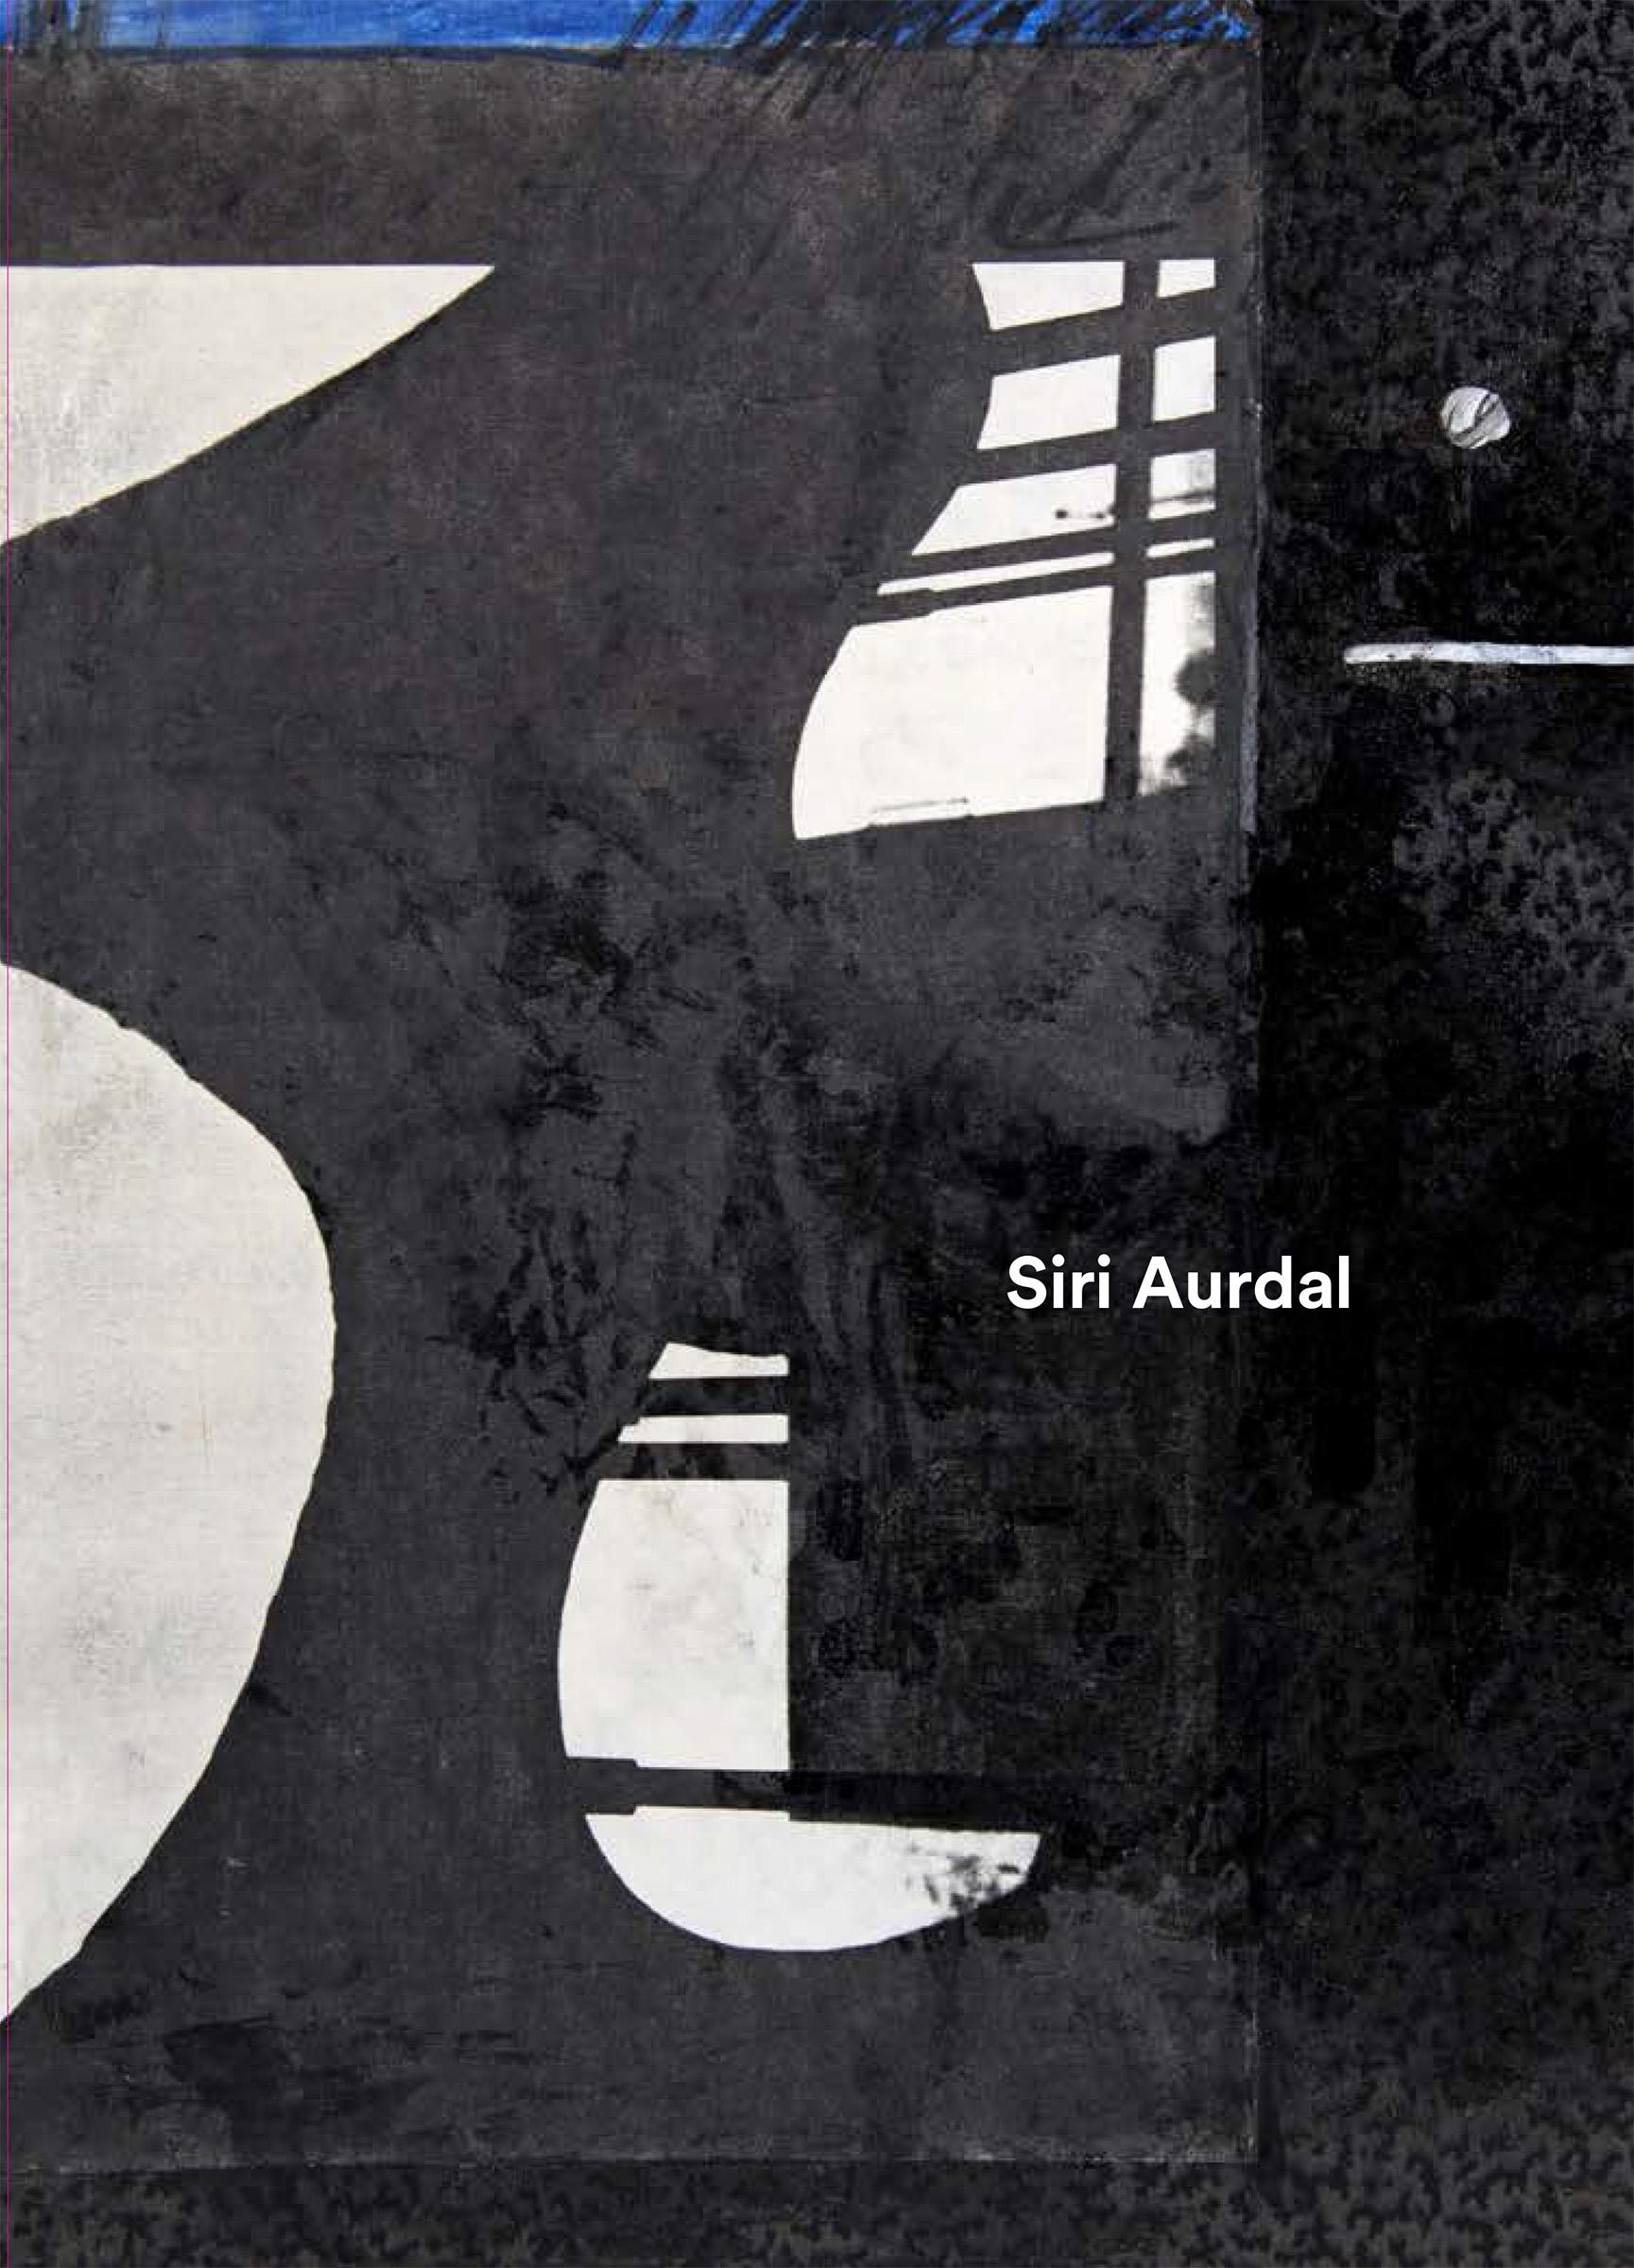 Siri Aurdal by Eline Mugass